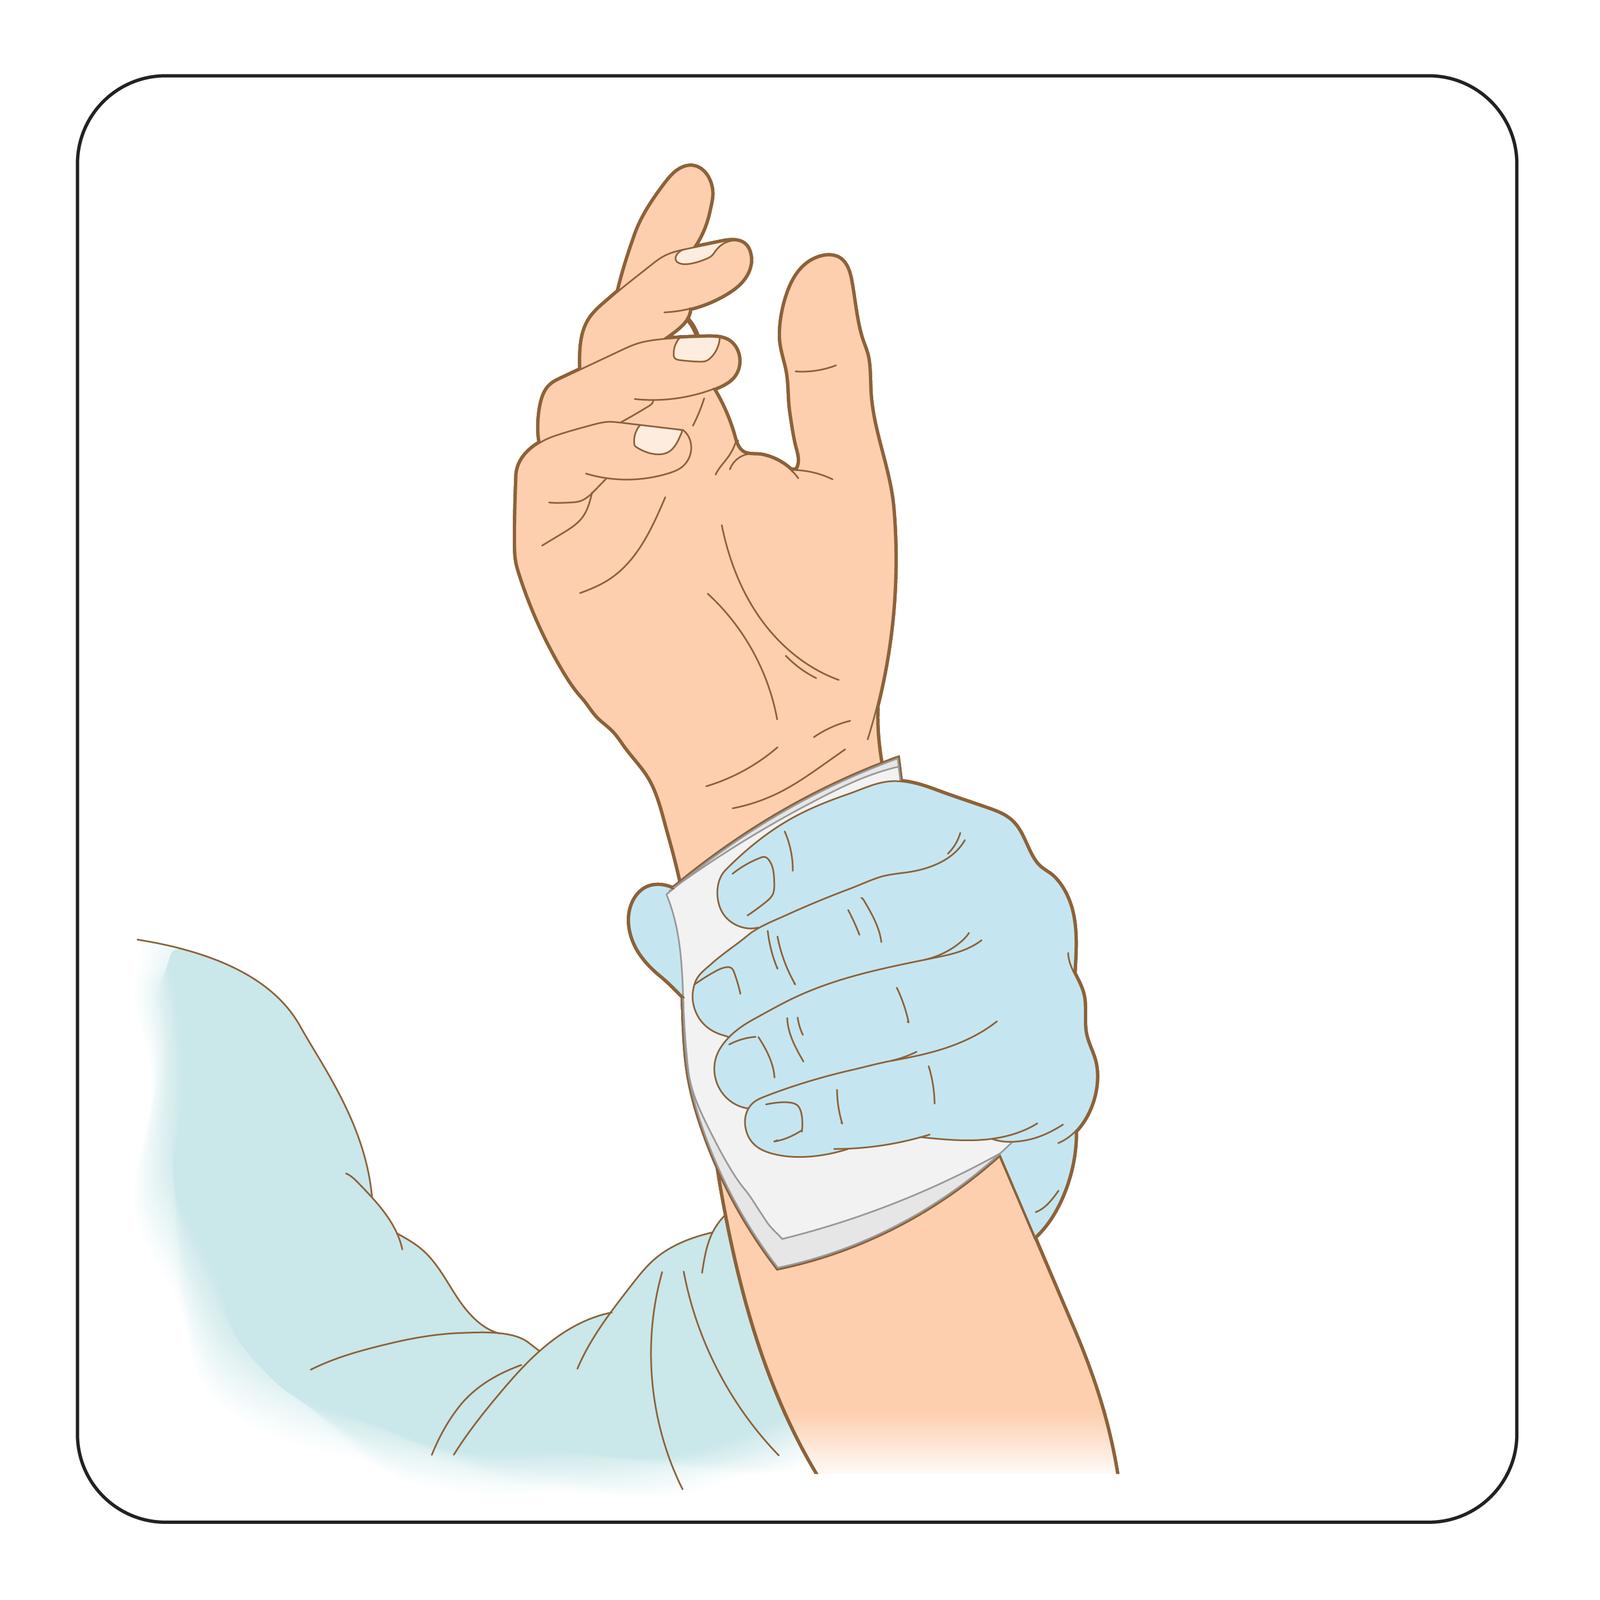 Ilustracja przedstawia sposób przytrzymania zranionego miejsca zopatrunkiem. Prawa ręka poszkodowanego uniesiona wgórę, wnętrze otwartej dłoni skierowane wstronę obserwatora. Lewa dłoń sanitariusza wgumowej rękawiczce przytrzymuje jałową gazę na miejscu zranienia obejmując nadgarstek poszkodowanego. Opatrunek zgazy obejmuje całą jedną stronę nadgarstka ima rozmiar minimalnie większy od szerokości dłoni sanitariusza.